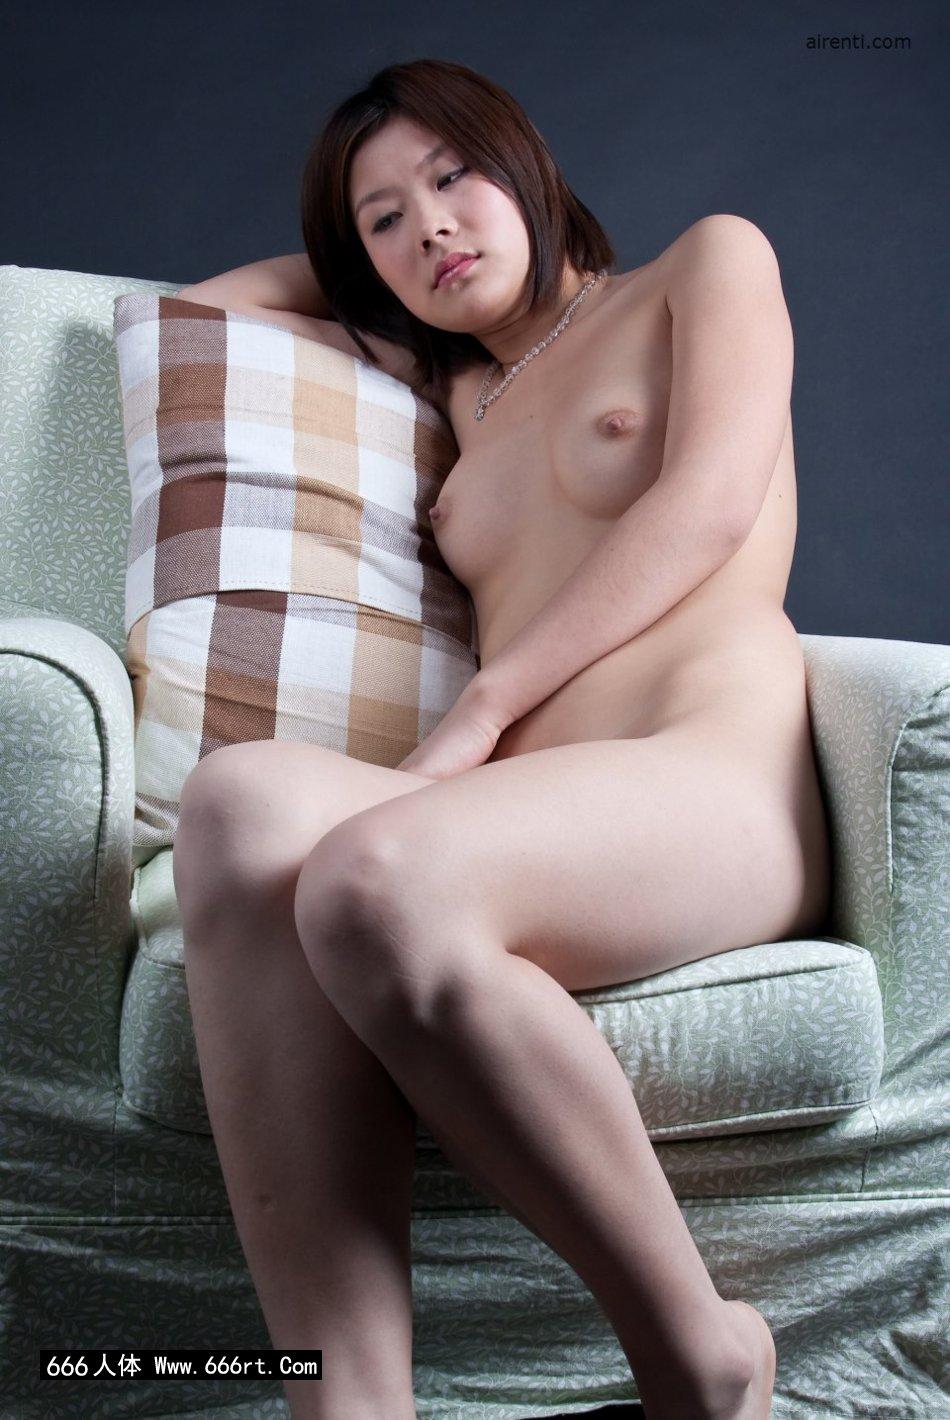 好湿13p图_邻家女人宋蕊布艺沙发上室拍人体